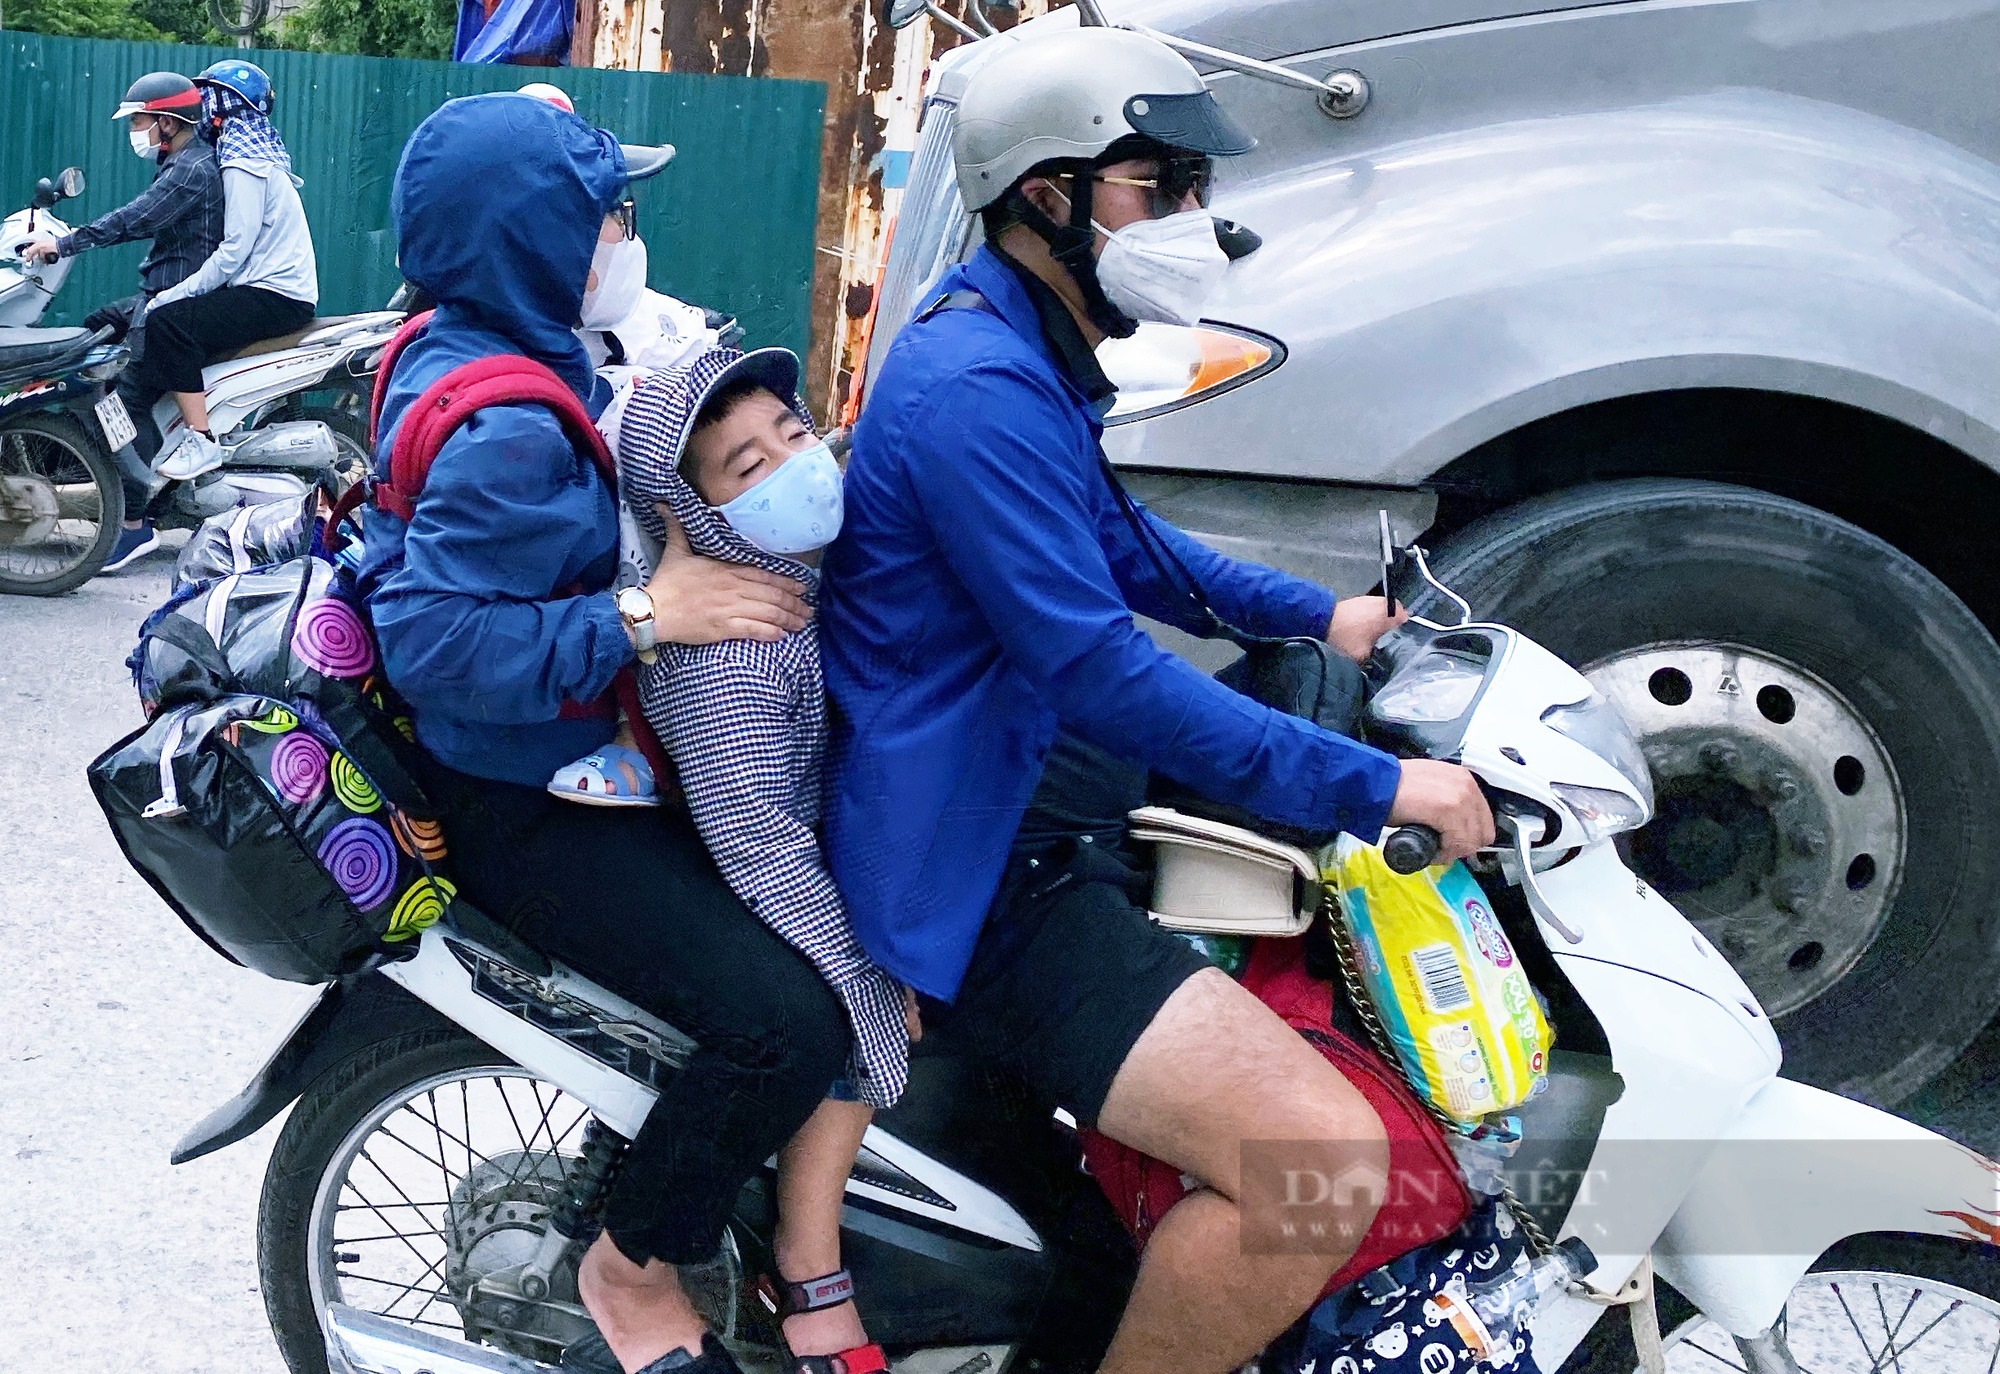 Trẻ nhỏ ngủ gục, đội nắng theo chân cha mẹ vượt hành trình hàng trăm km ra Hà Nội kiếm kế sinh nhai - Ảnh 7.